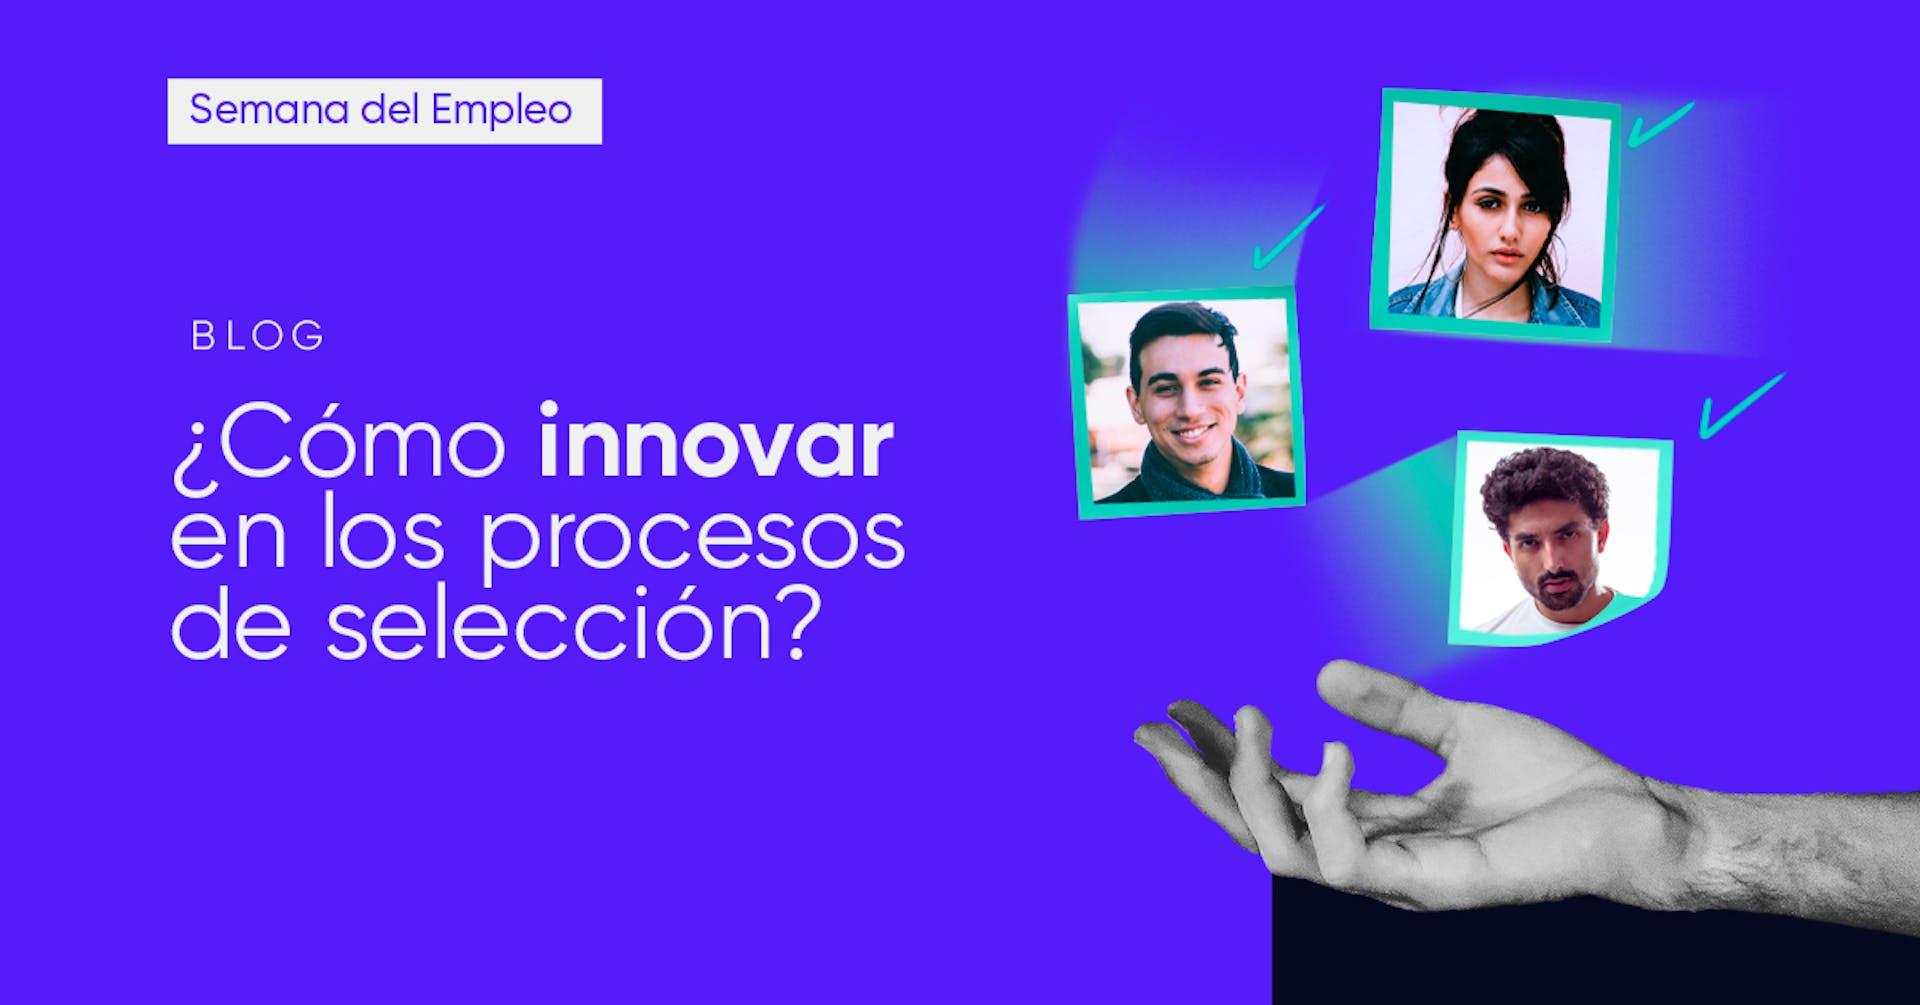 ¿Cómo innovar en los procesos de selección? ¡Realizamos el primer Talent Sprint de Latinoamérica!